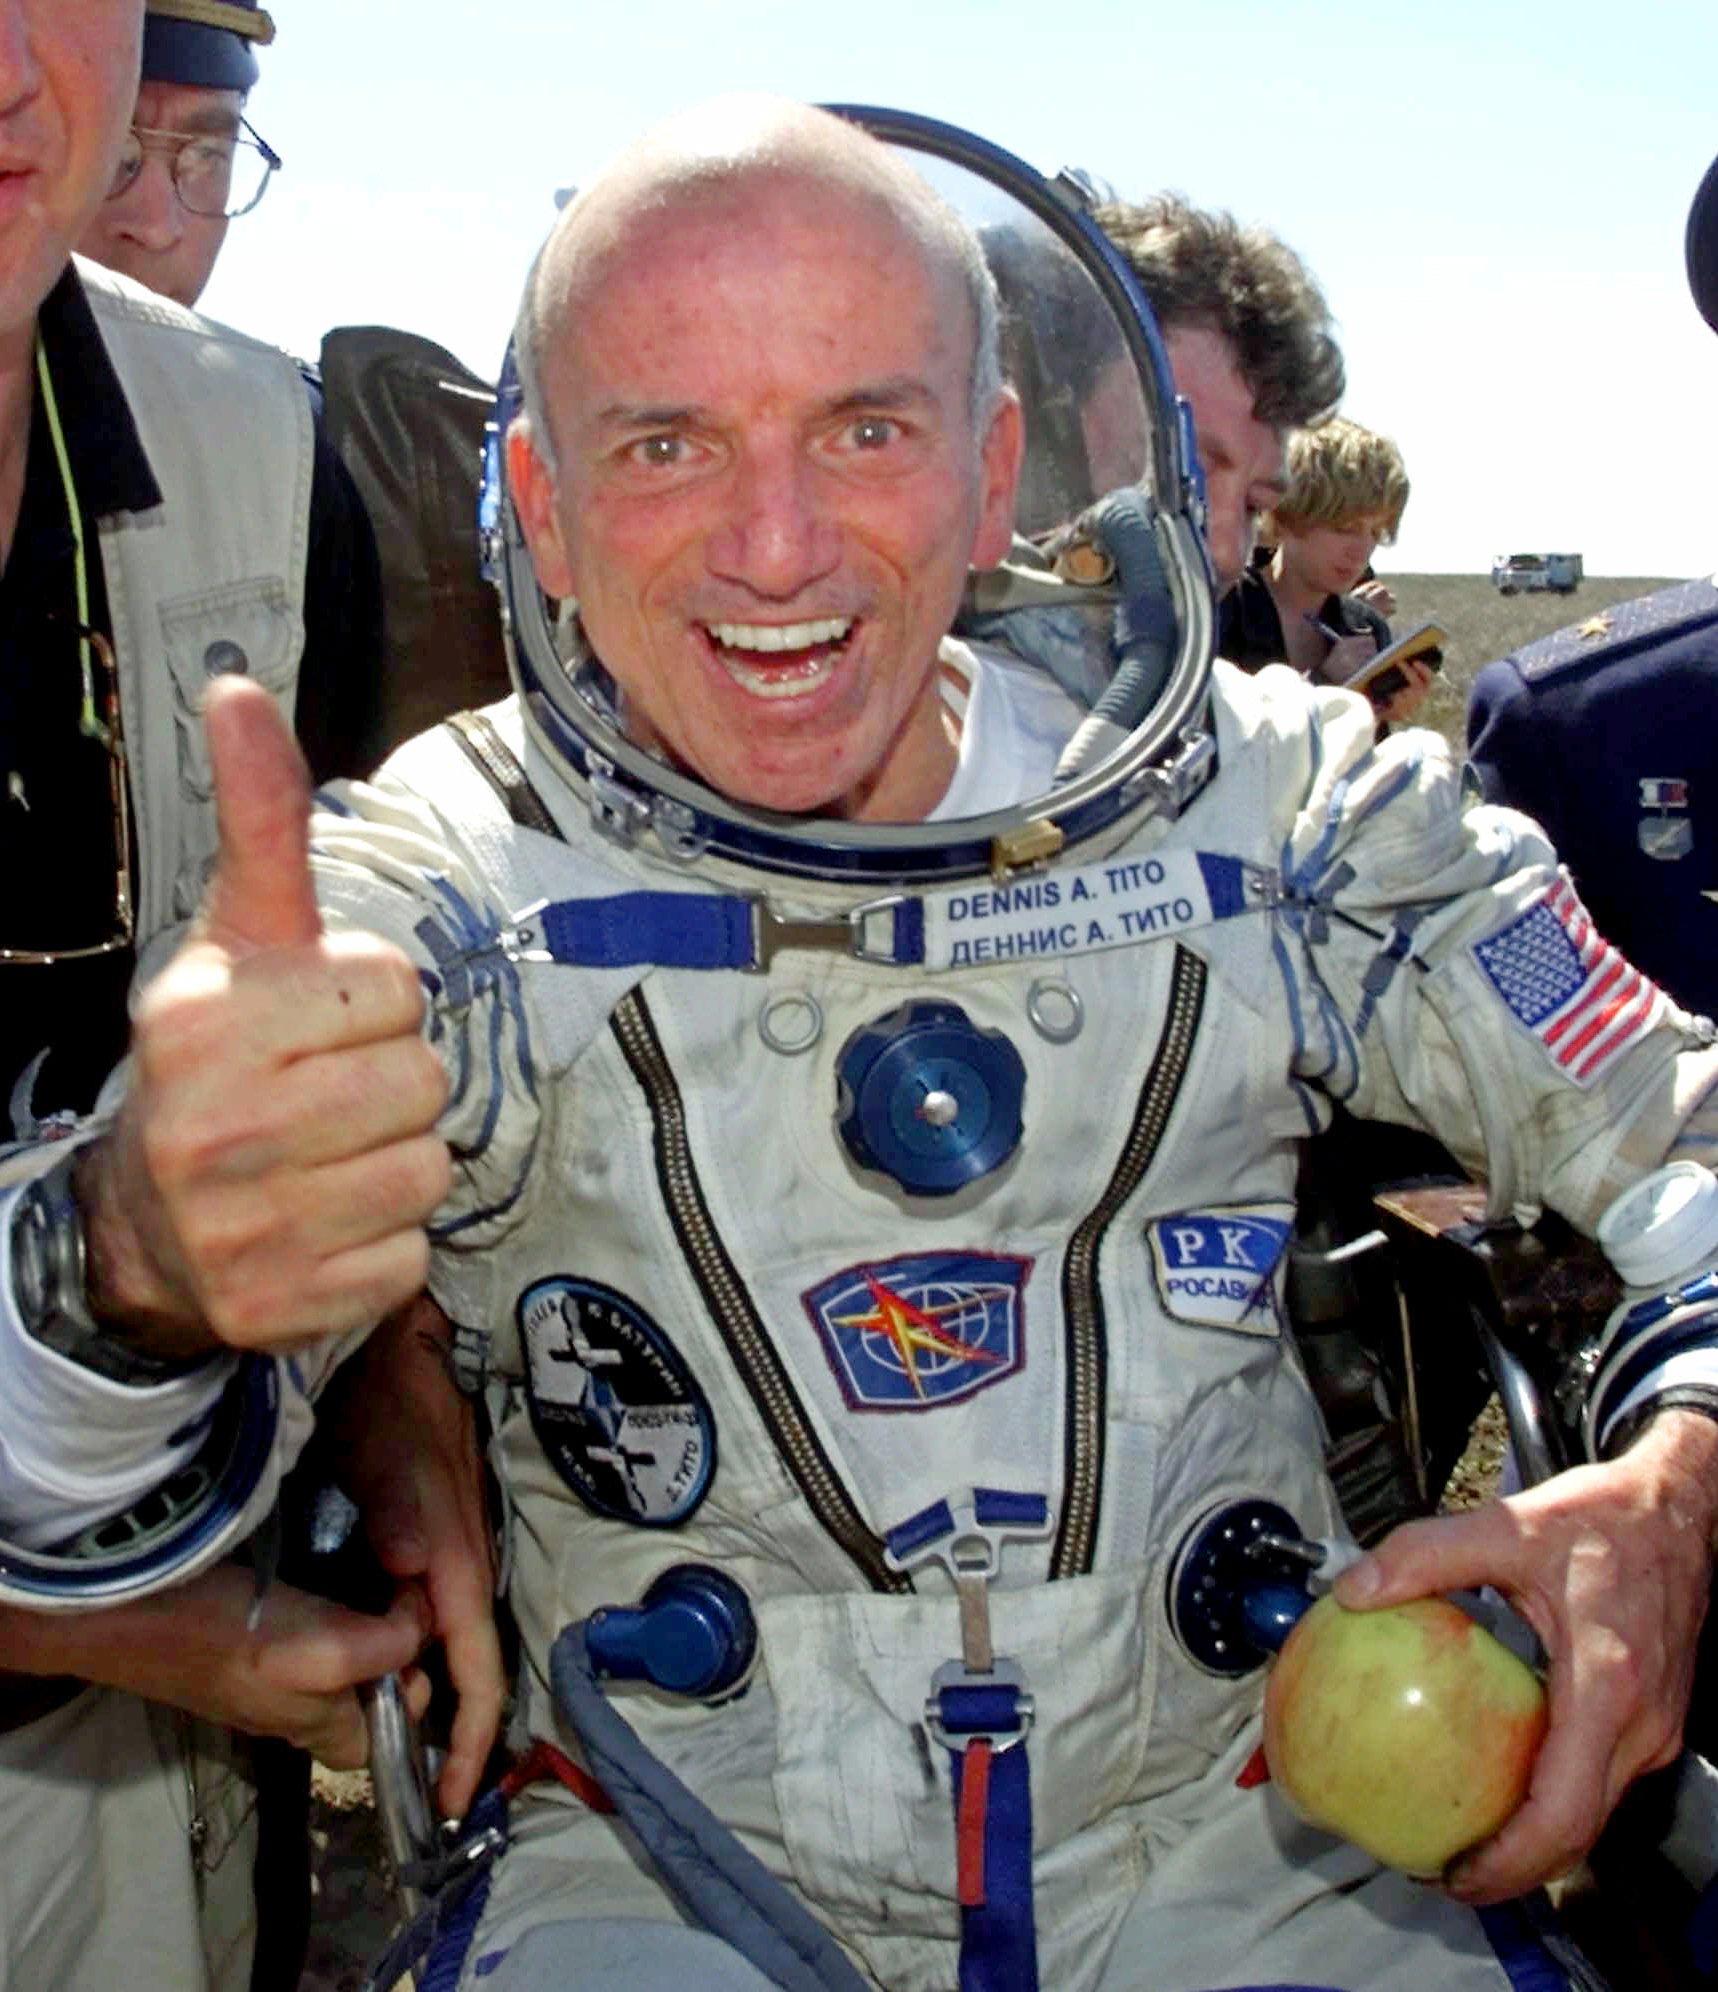 狄托在外太空待了8天,5月6日返回地球。(美聯社)